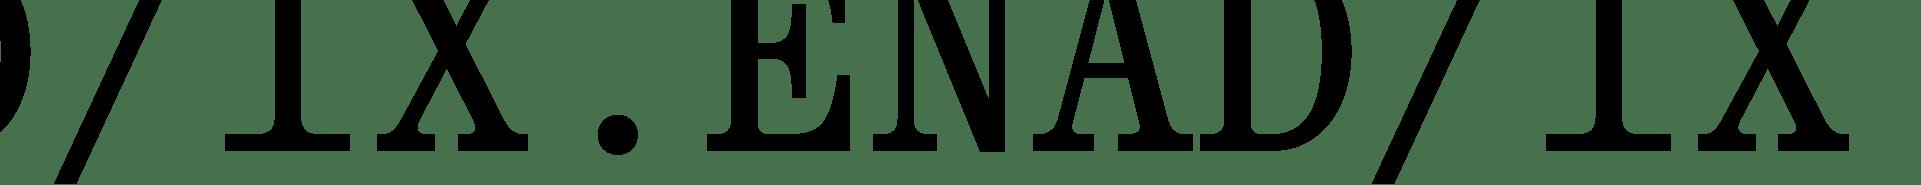 IX ENAD Logo